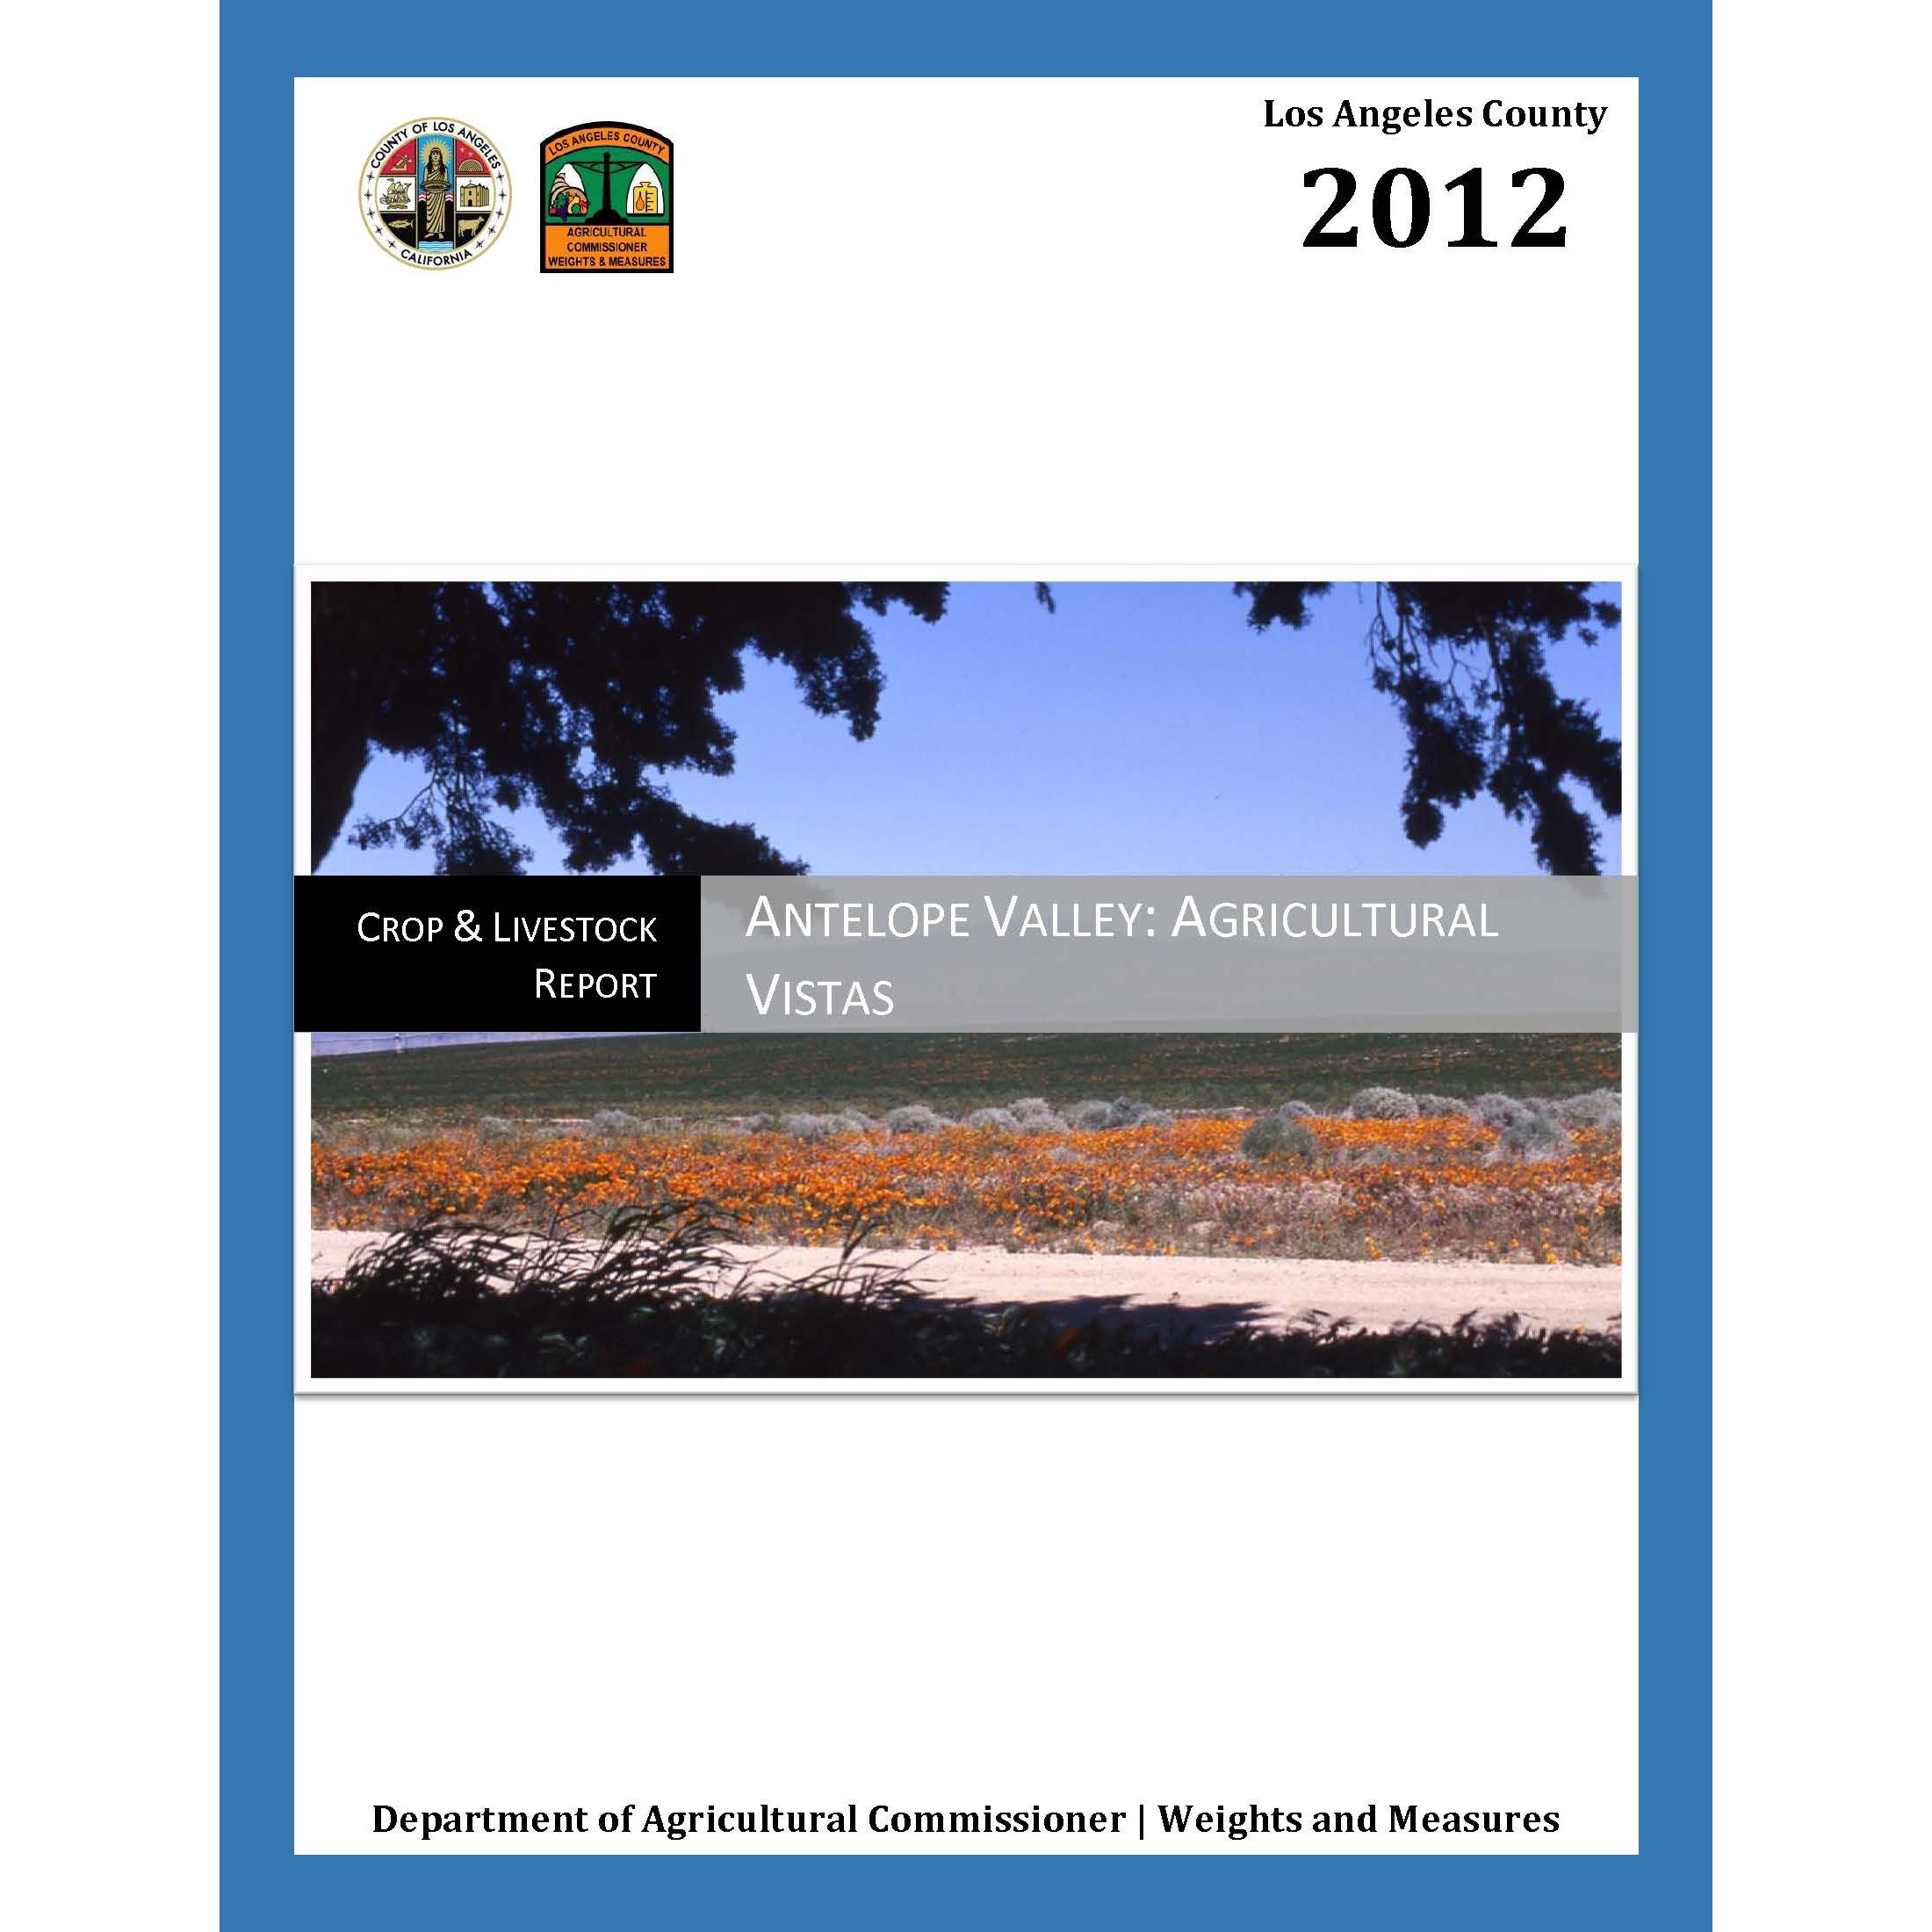 2012 Crop Report